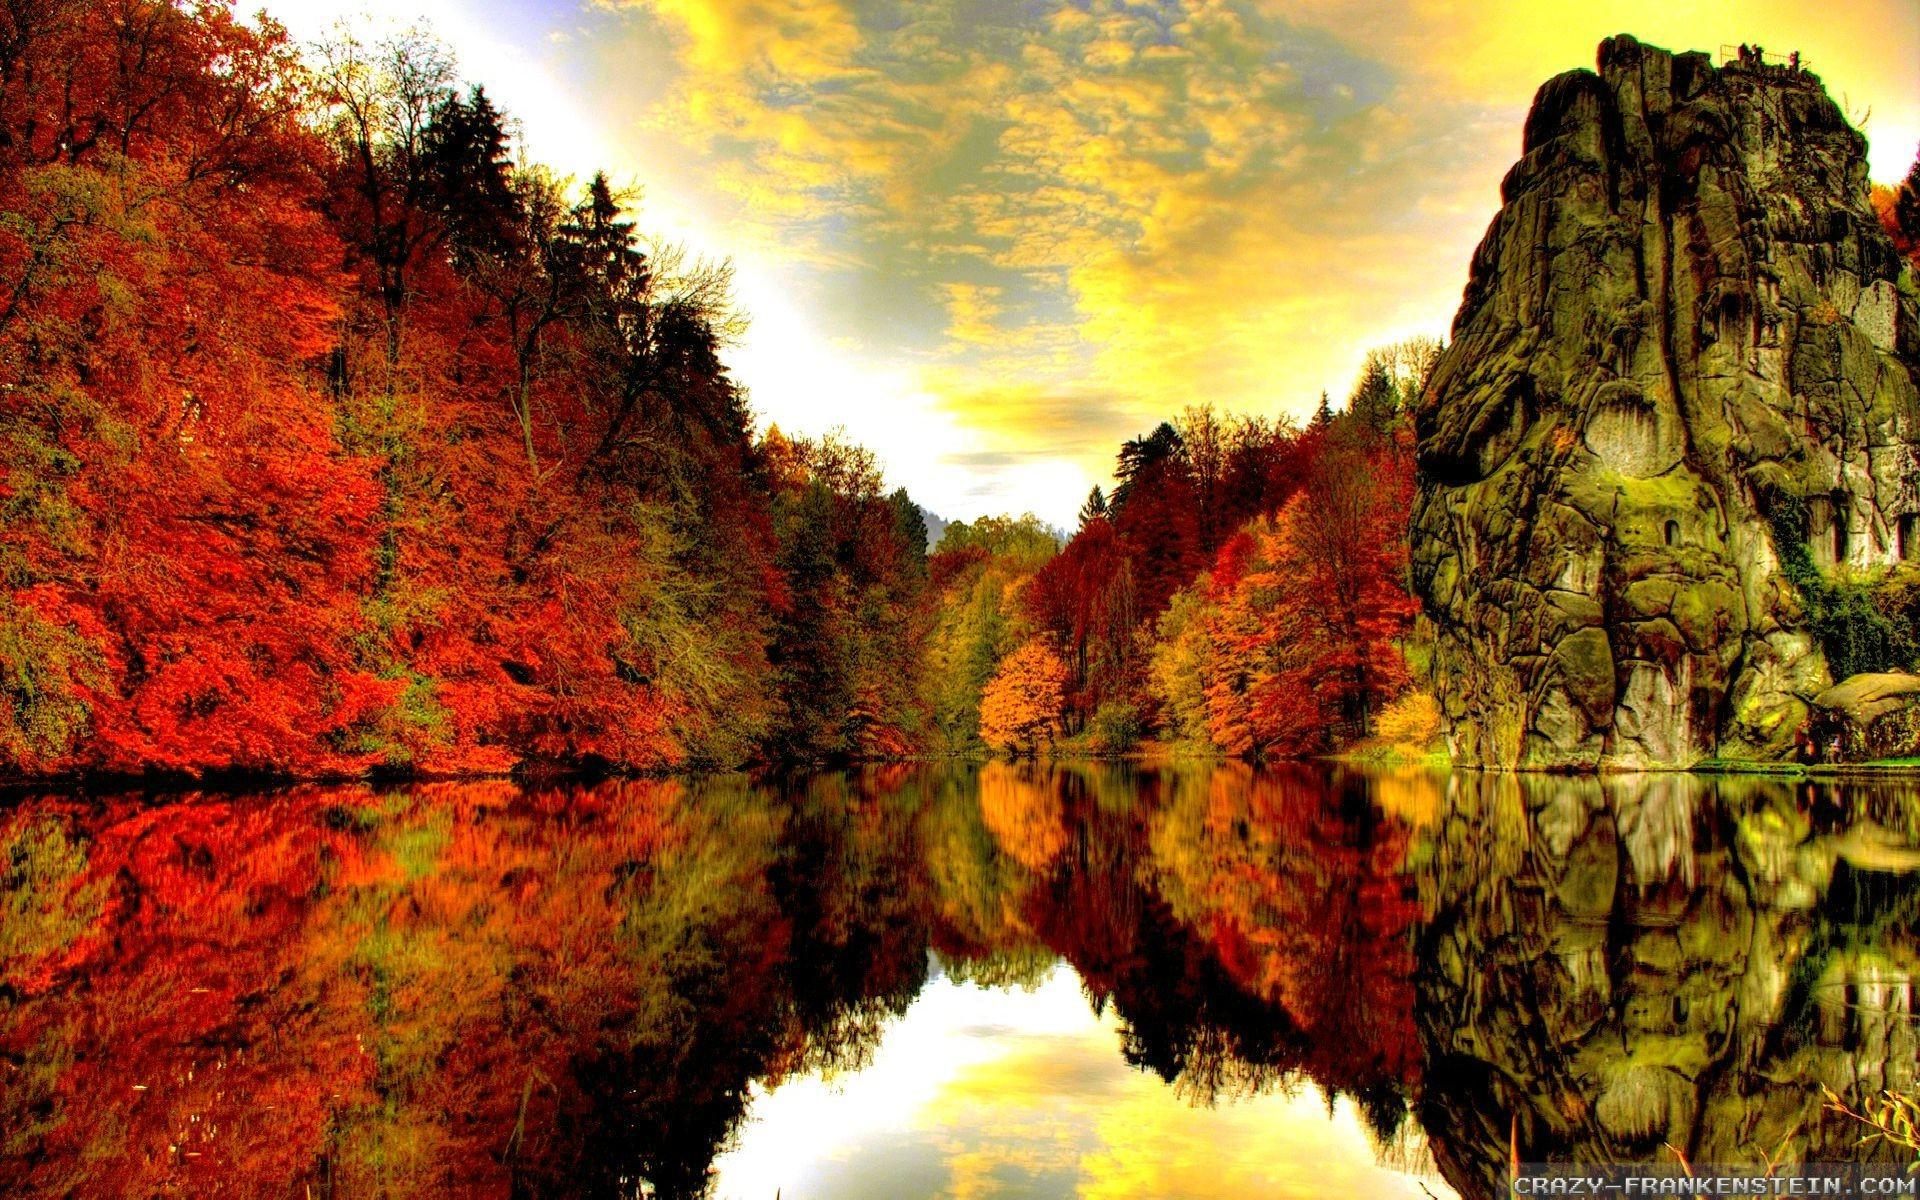 Fall Wallpaper For Desktop Download Free Full Hd: Fall Wallpaper For Desktop (68+ Images